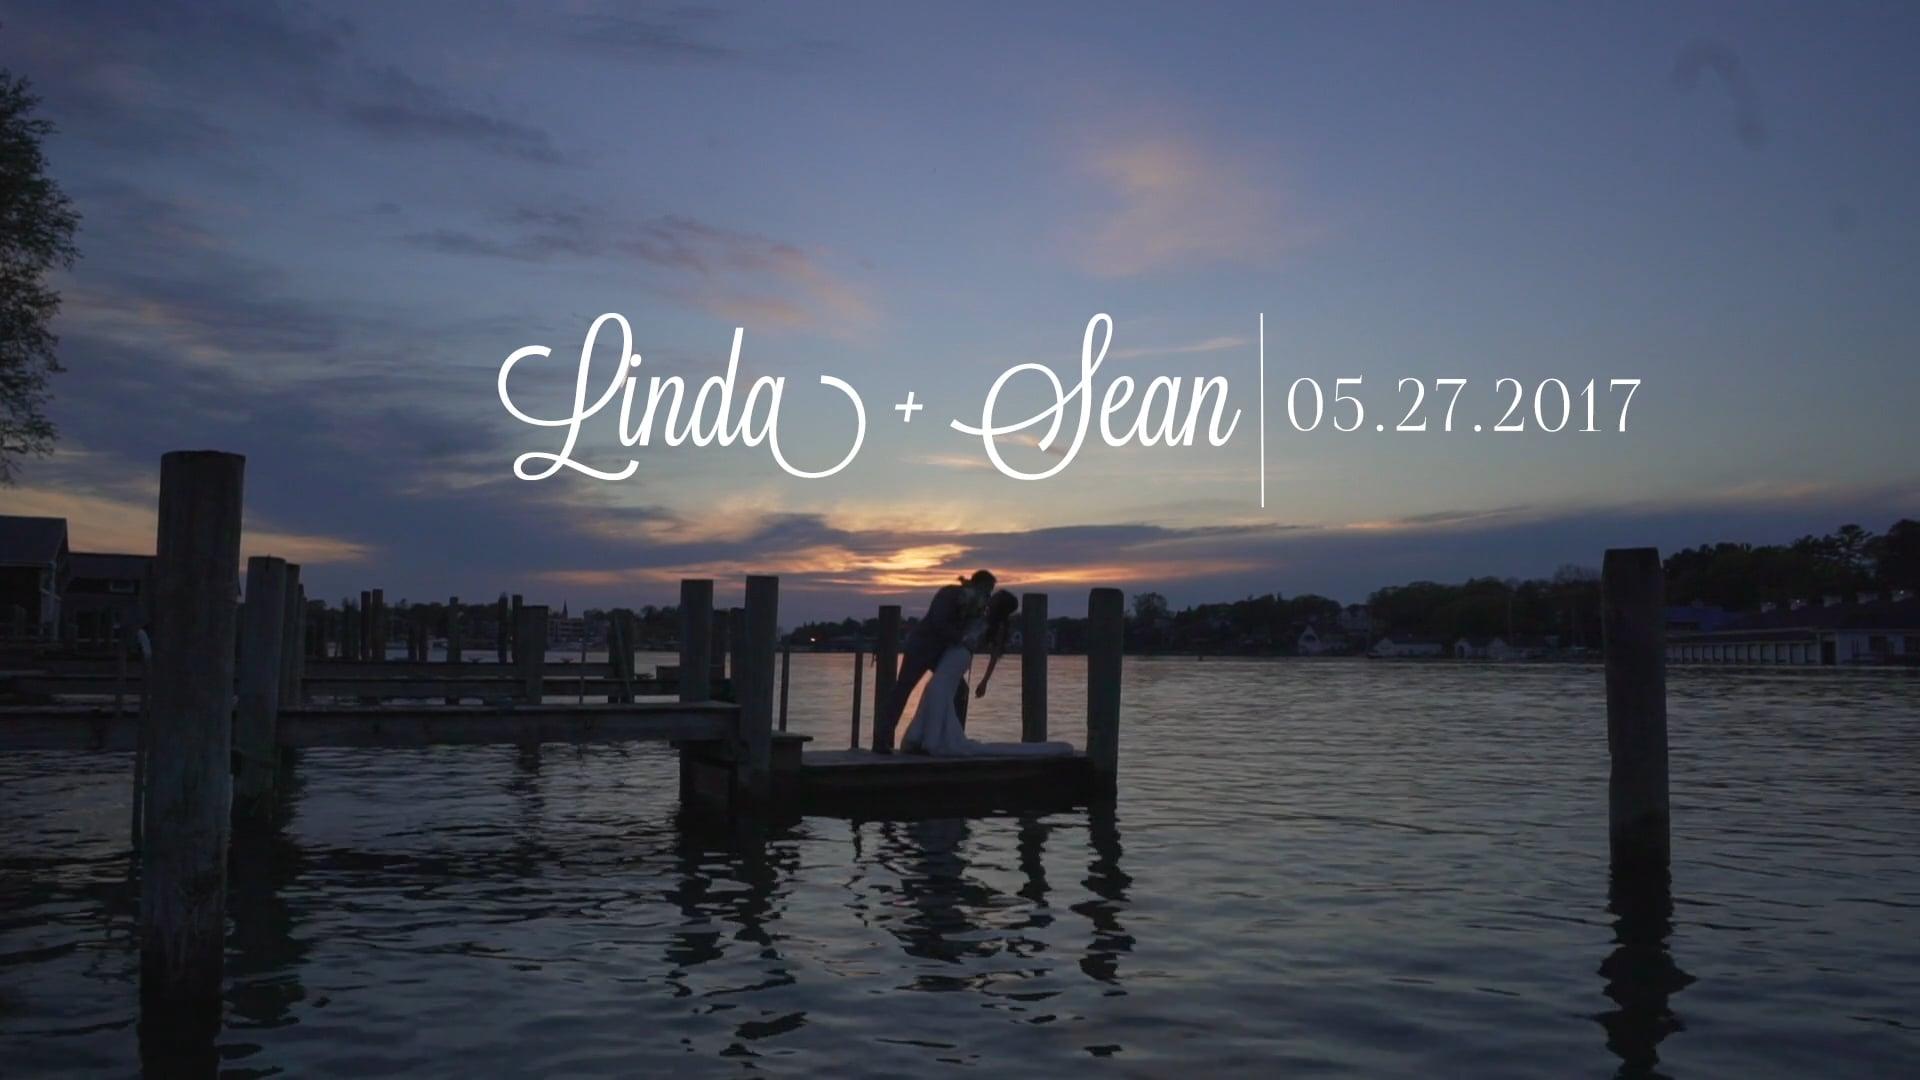 linda + sean .the trailer